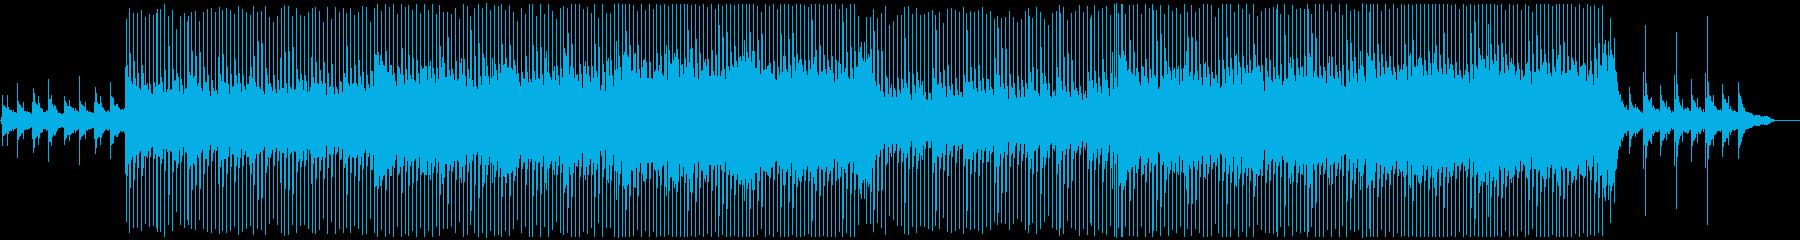 VP系14、高揚感と疾走感のあるロックAの再生済みの波形